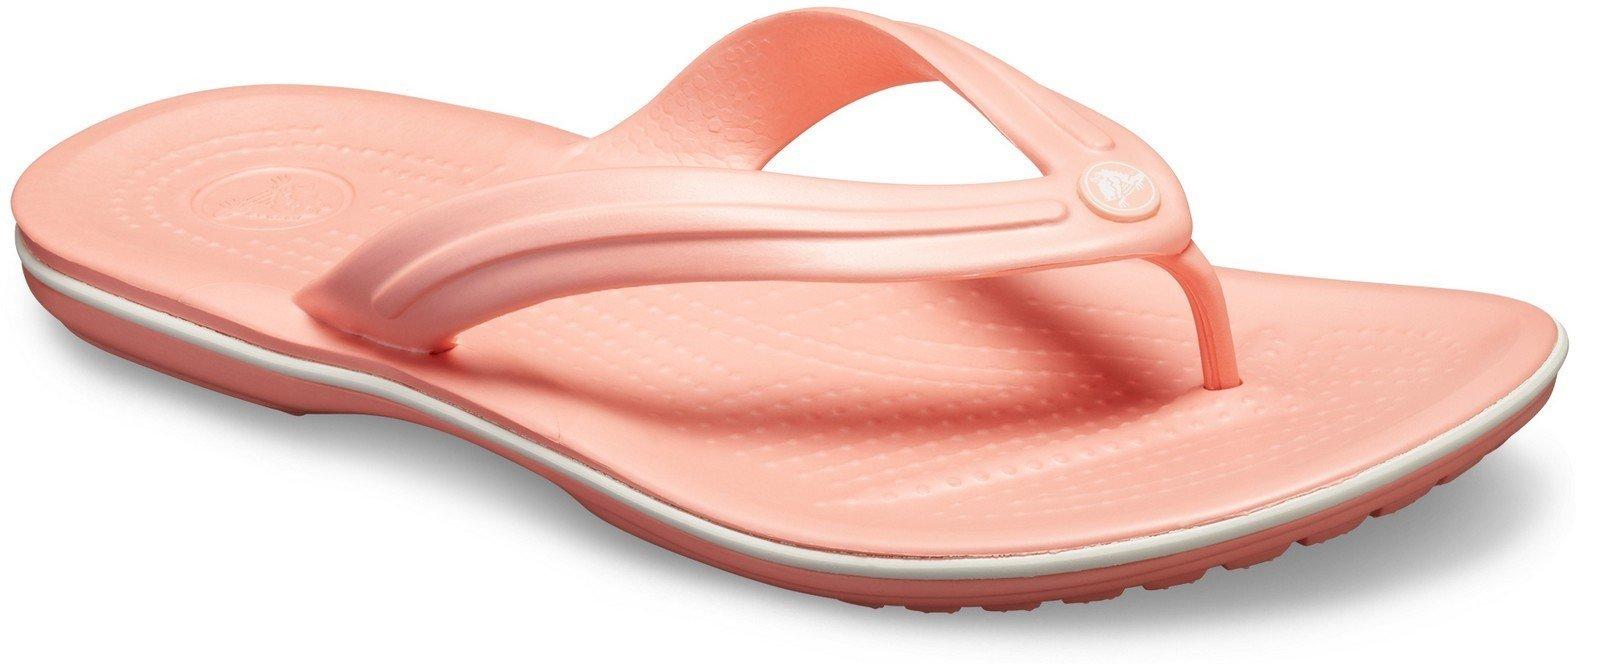 Crocs Unisex Crocband Flip Flops Various Colours 21067 - Melon 3